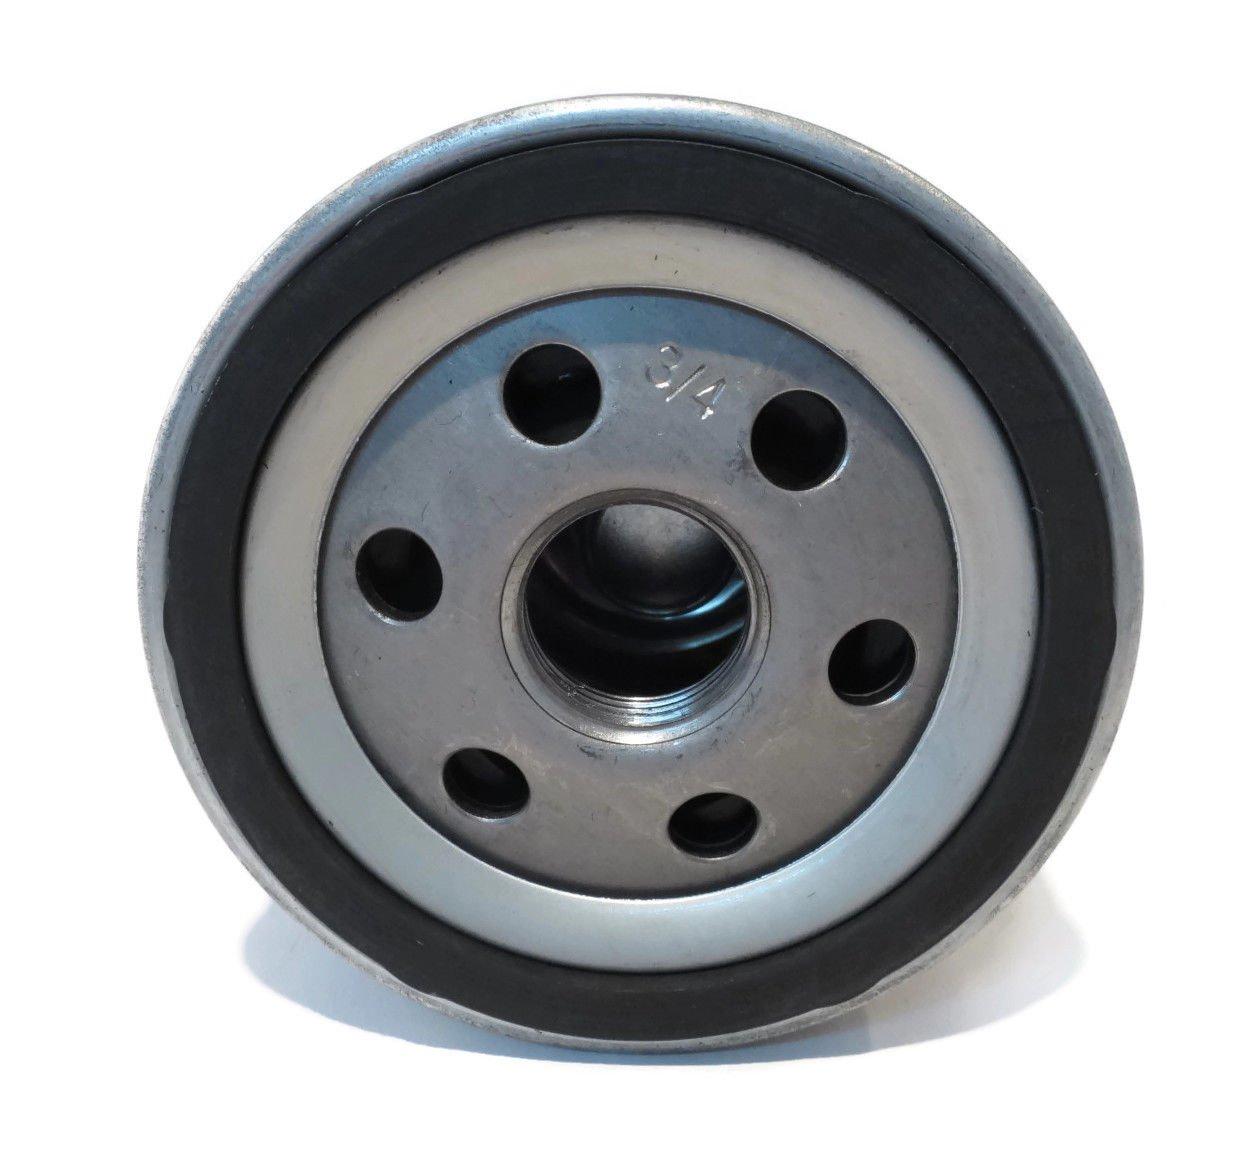 Laser Oil Filter fit John Deere D100 D105 D110 D120 D125 D130 D140 D150  D155 D160 D170 by The ROP Shop